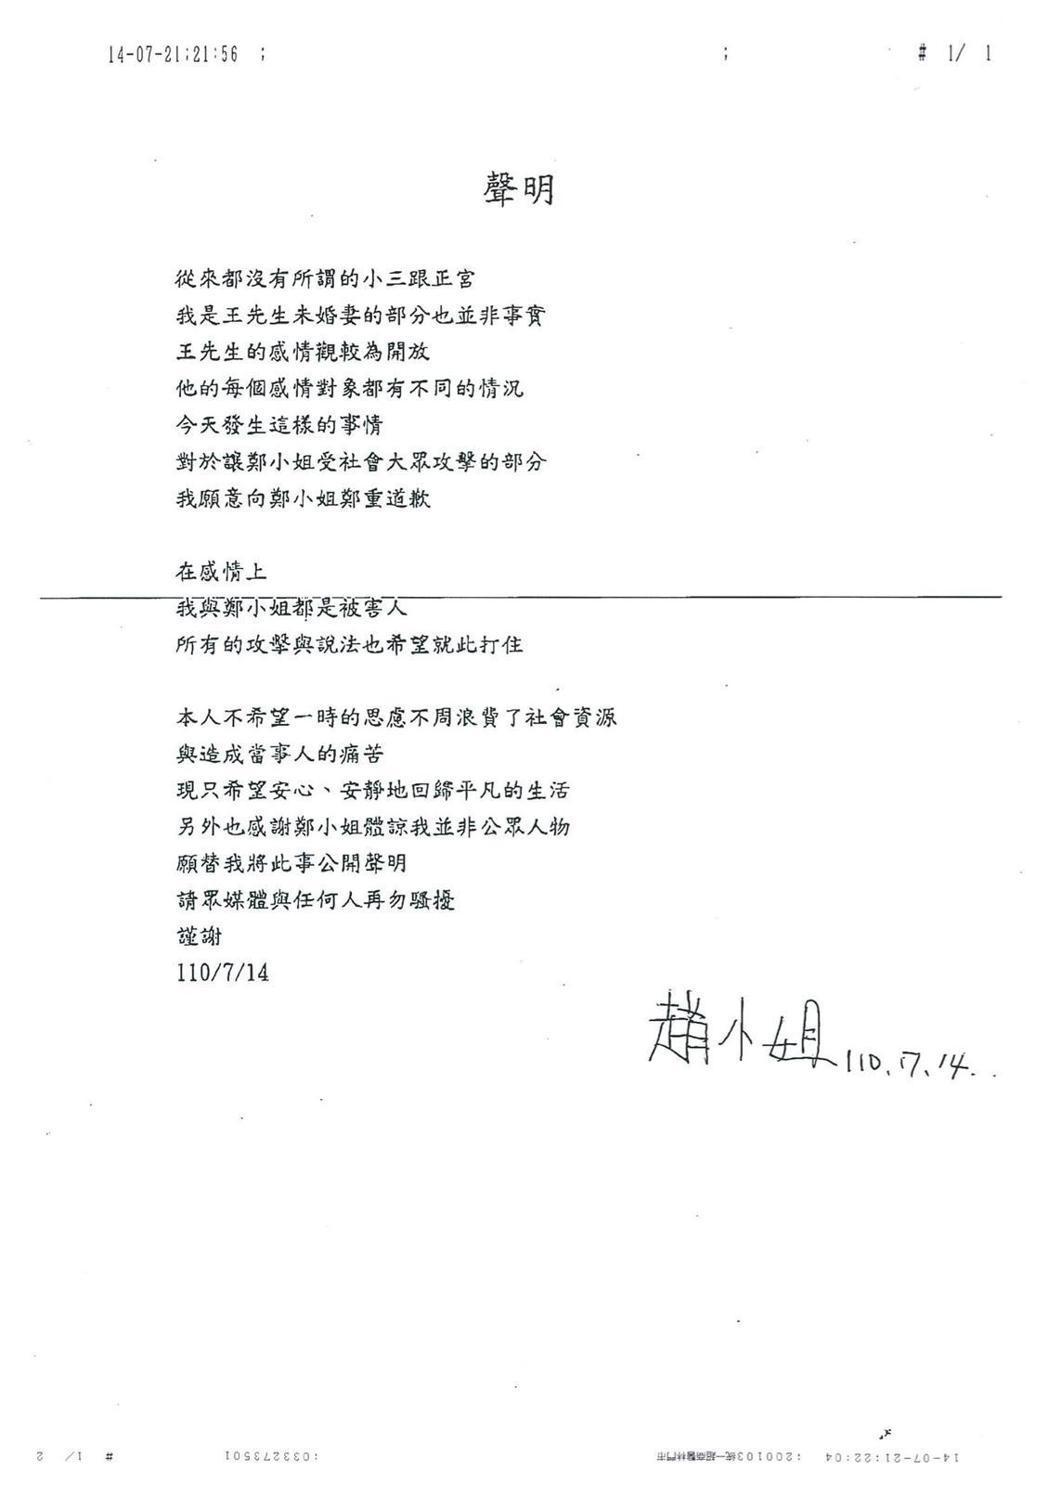 保時捷男女友發出道歉聲明。圖/摘自臉書